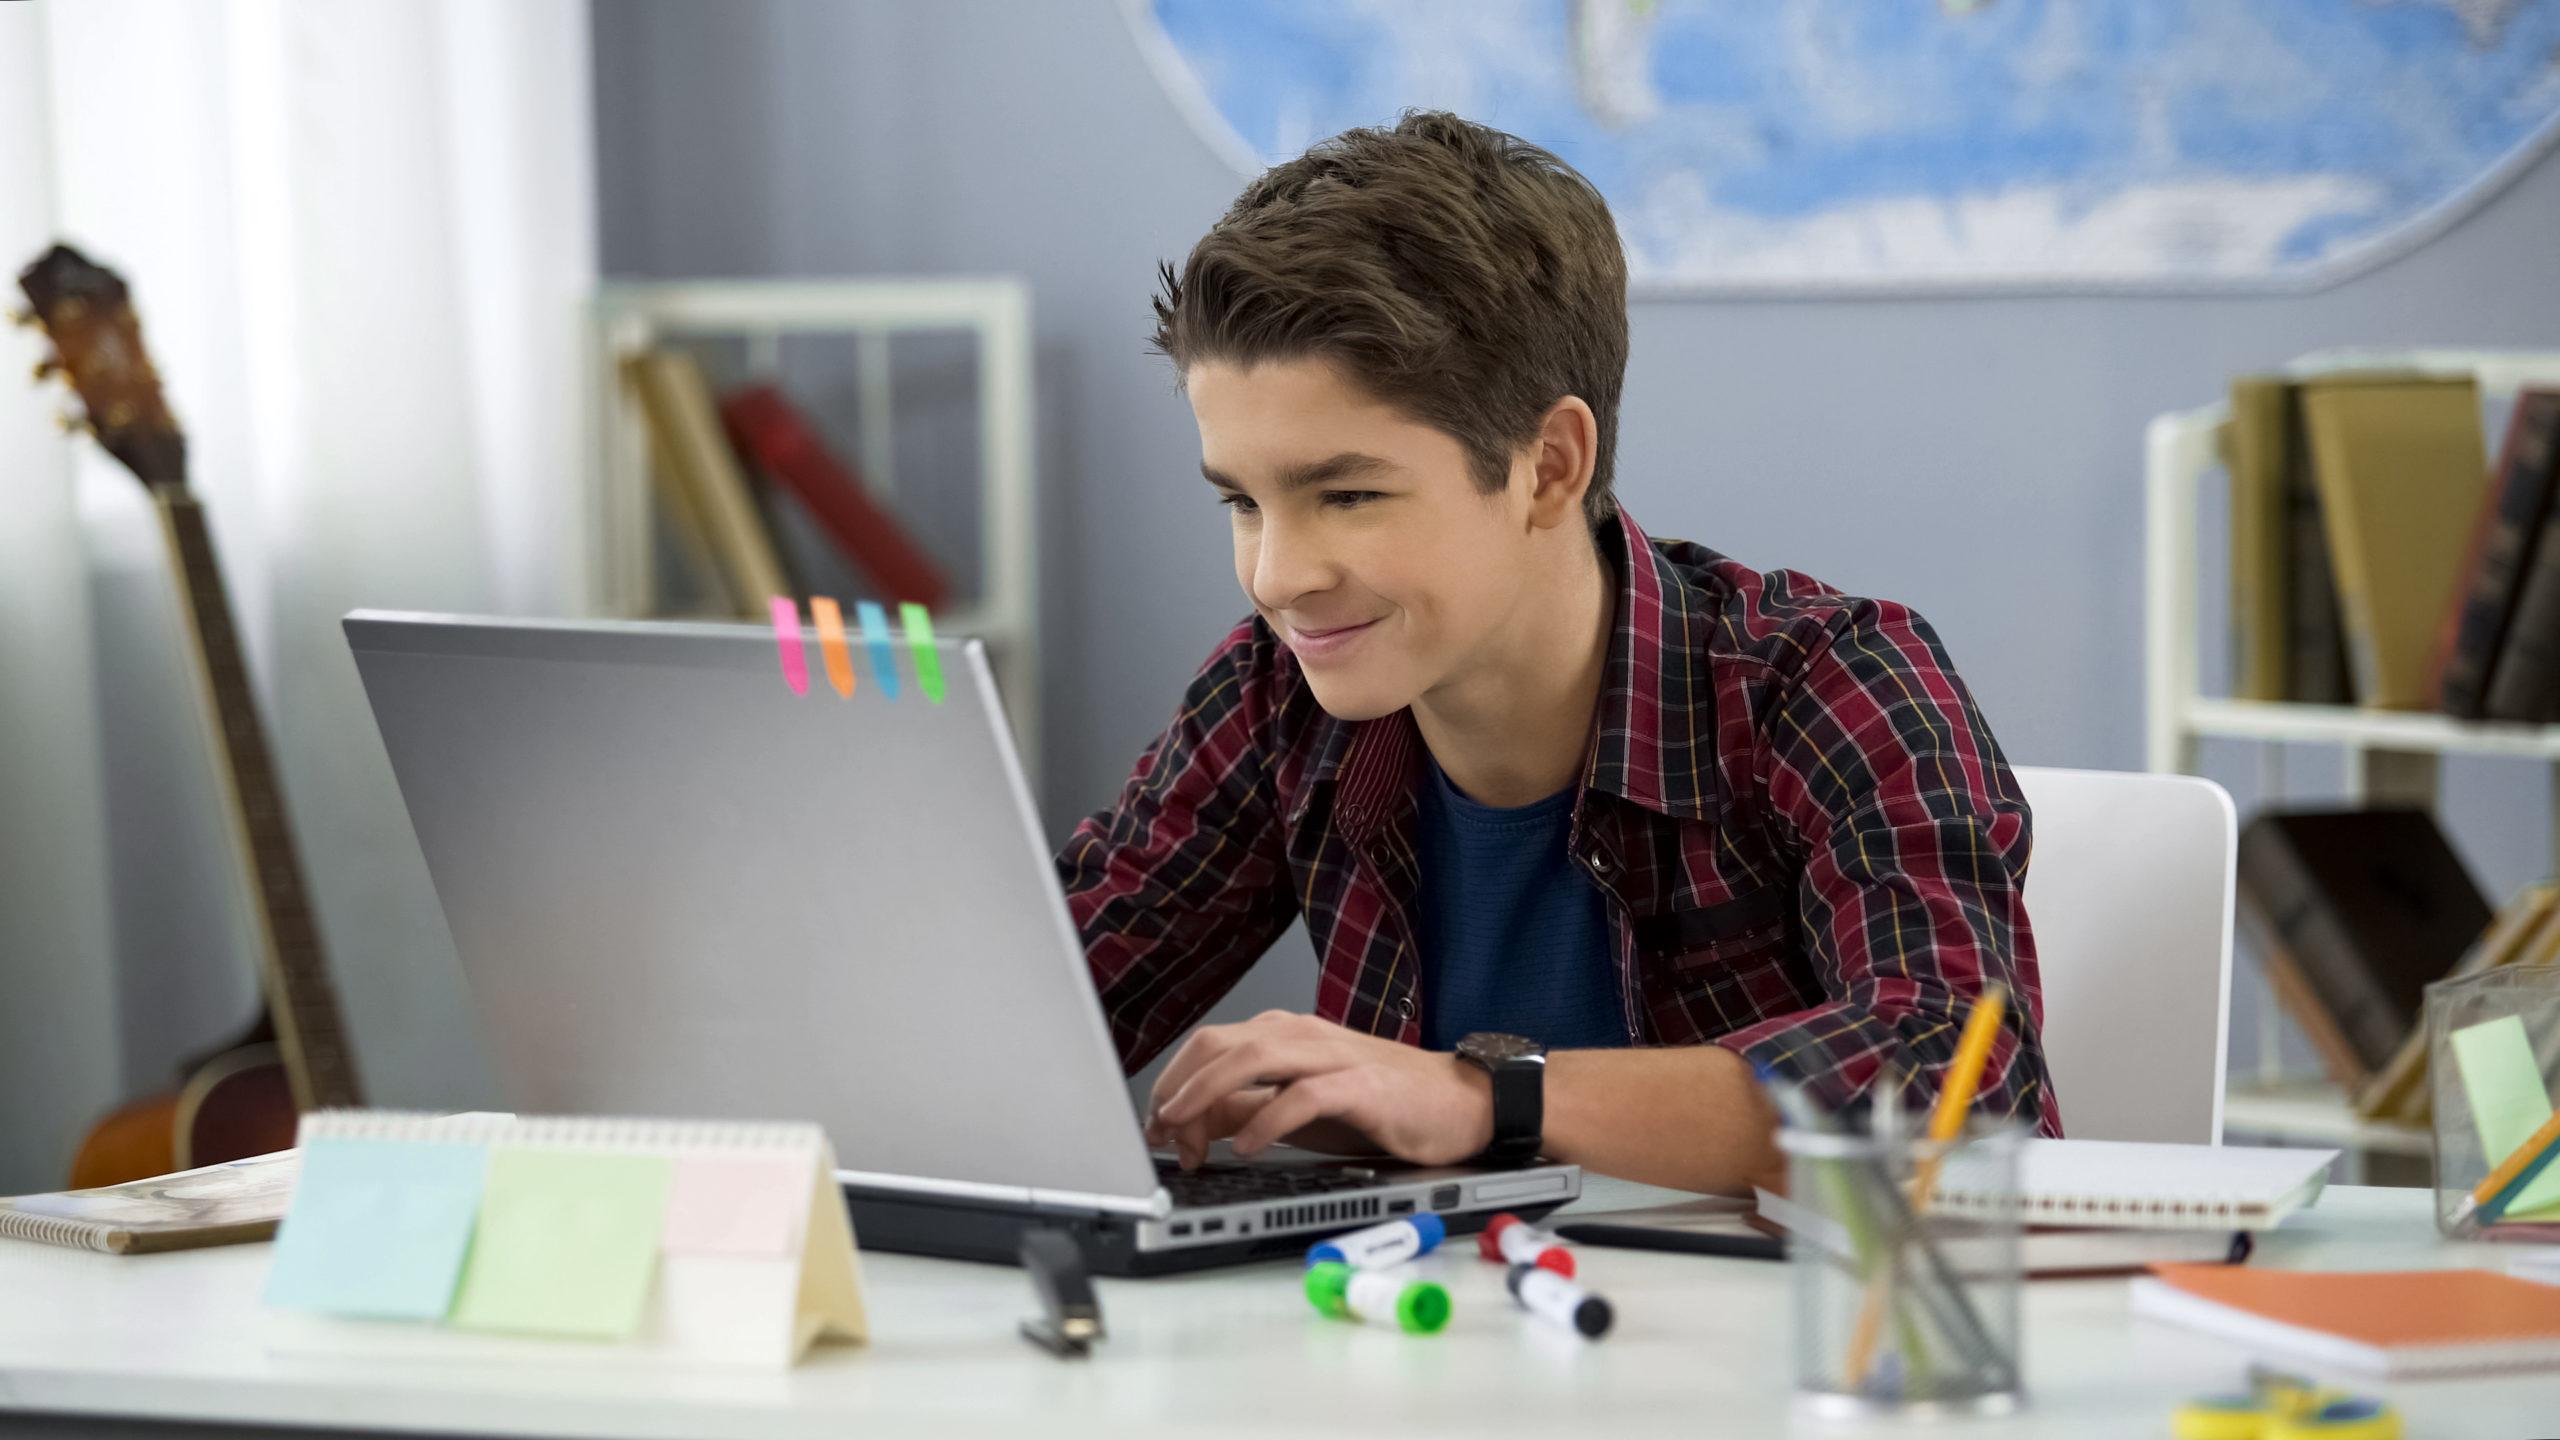 Evaluación formativa: cómo aplicarla en la educación a distancia